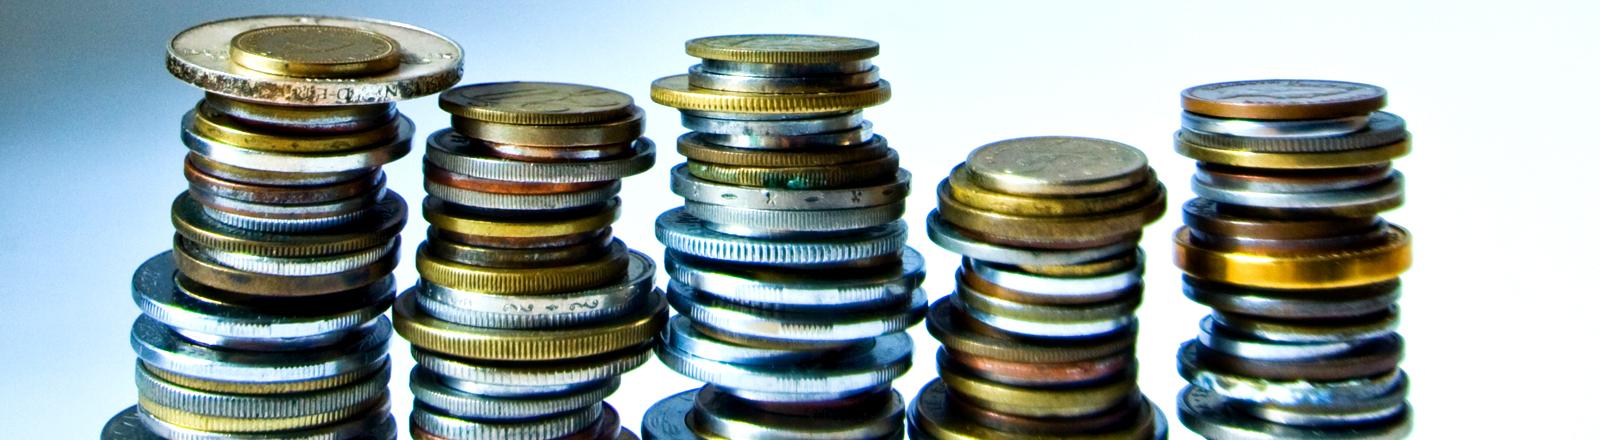 Fünf Stapel mit verschiedenen Münzen ungefähr gleich hoch